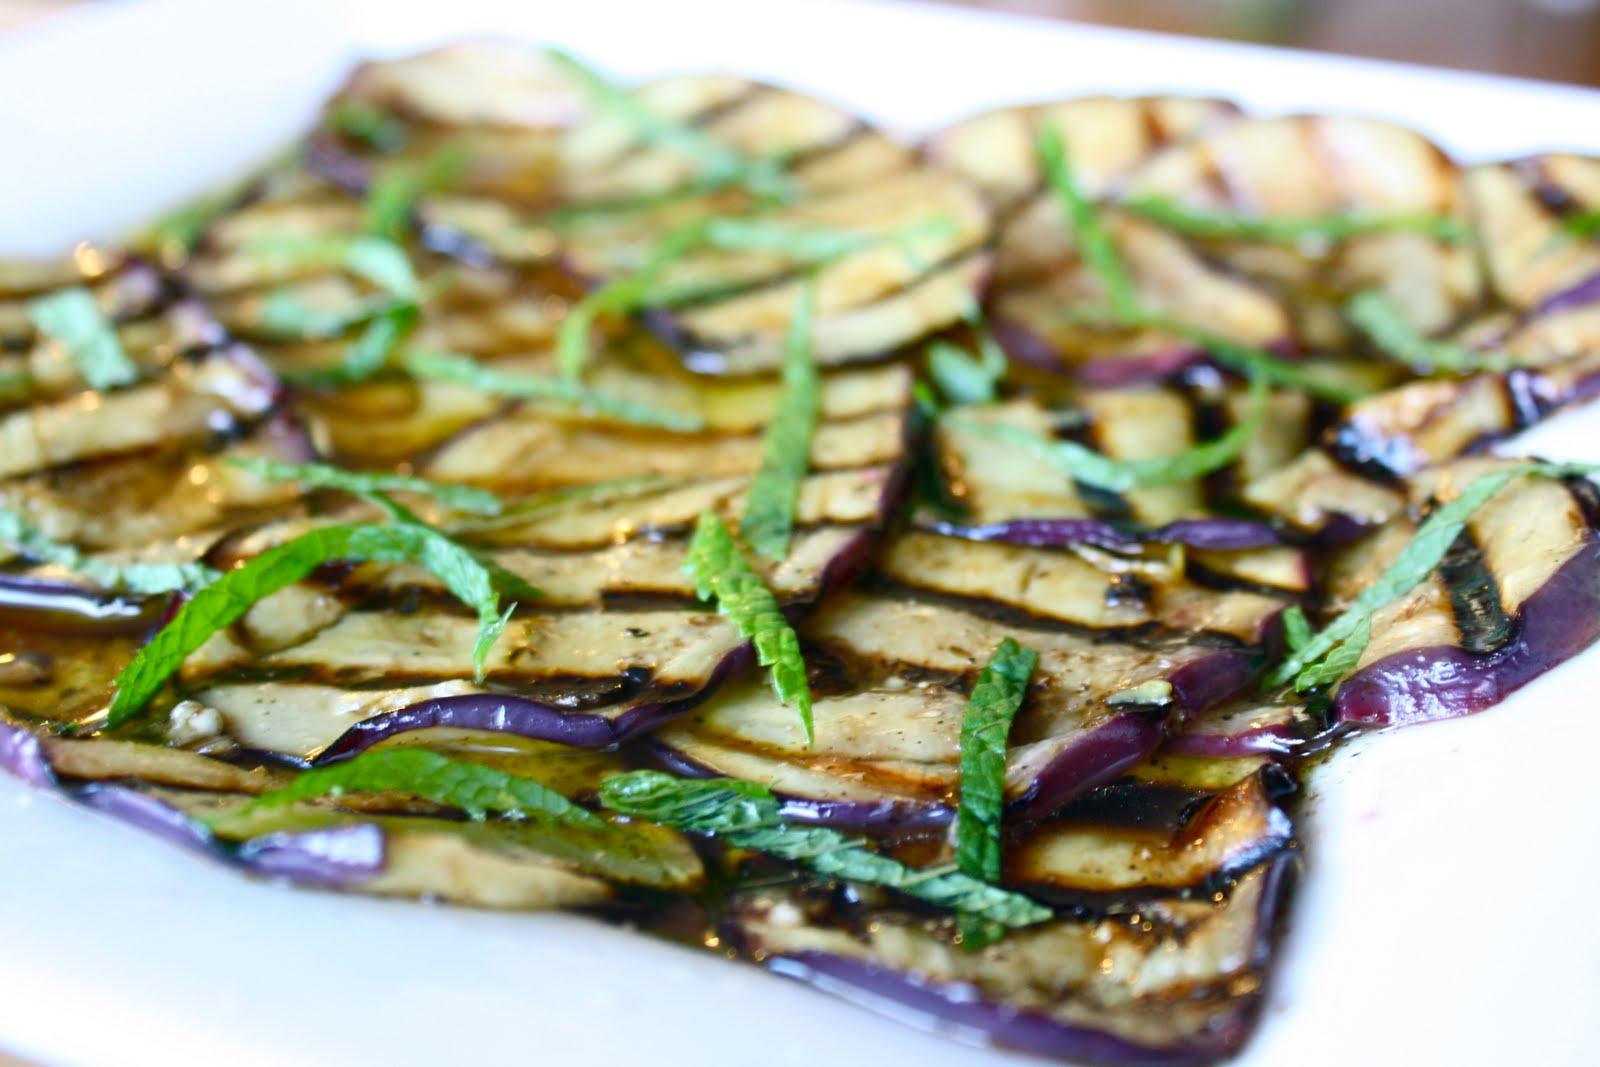 Hey, Lady Grey: Marinated Eggplant with Lemon & Mint